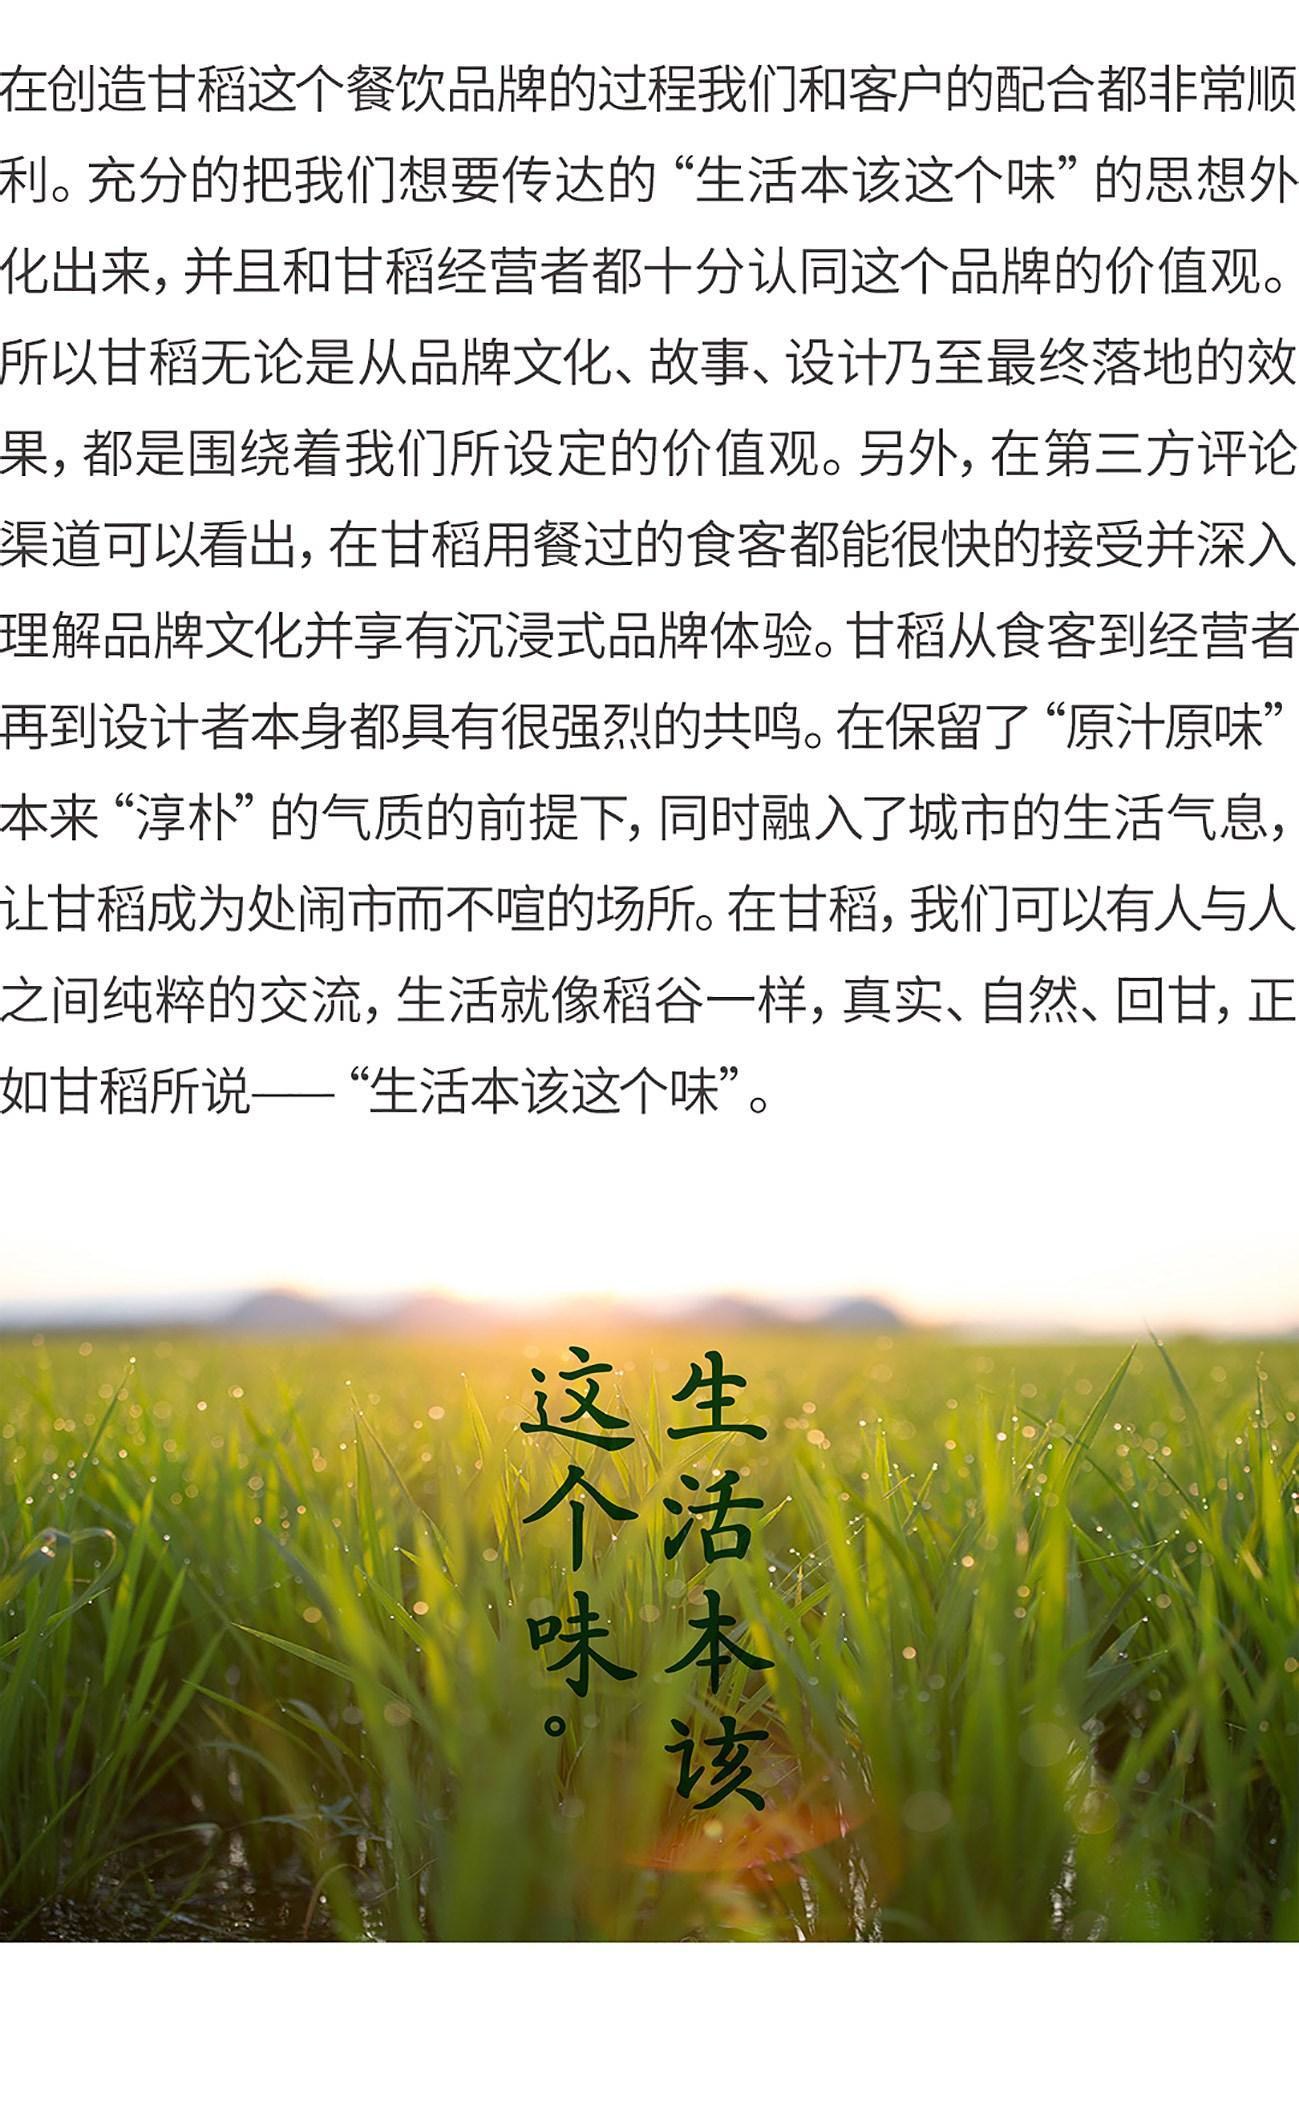 【设计切片】甘道设计案例长图_xd_180521_07.jpg